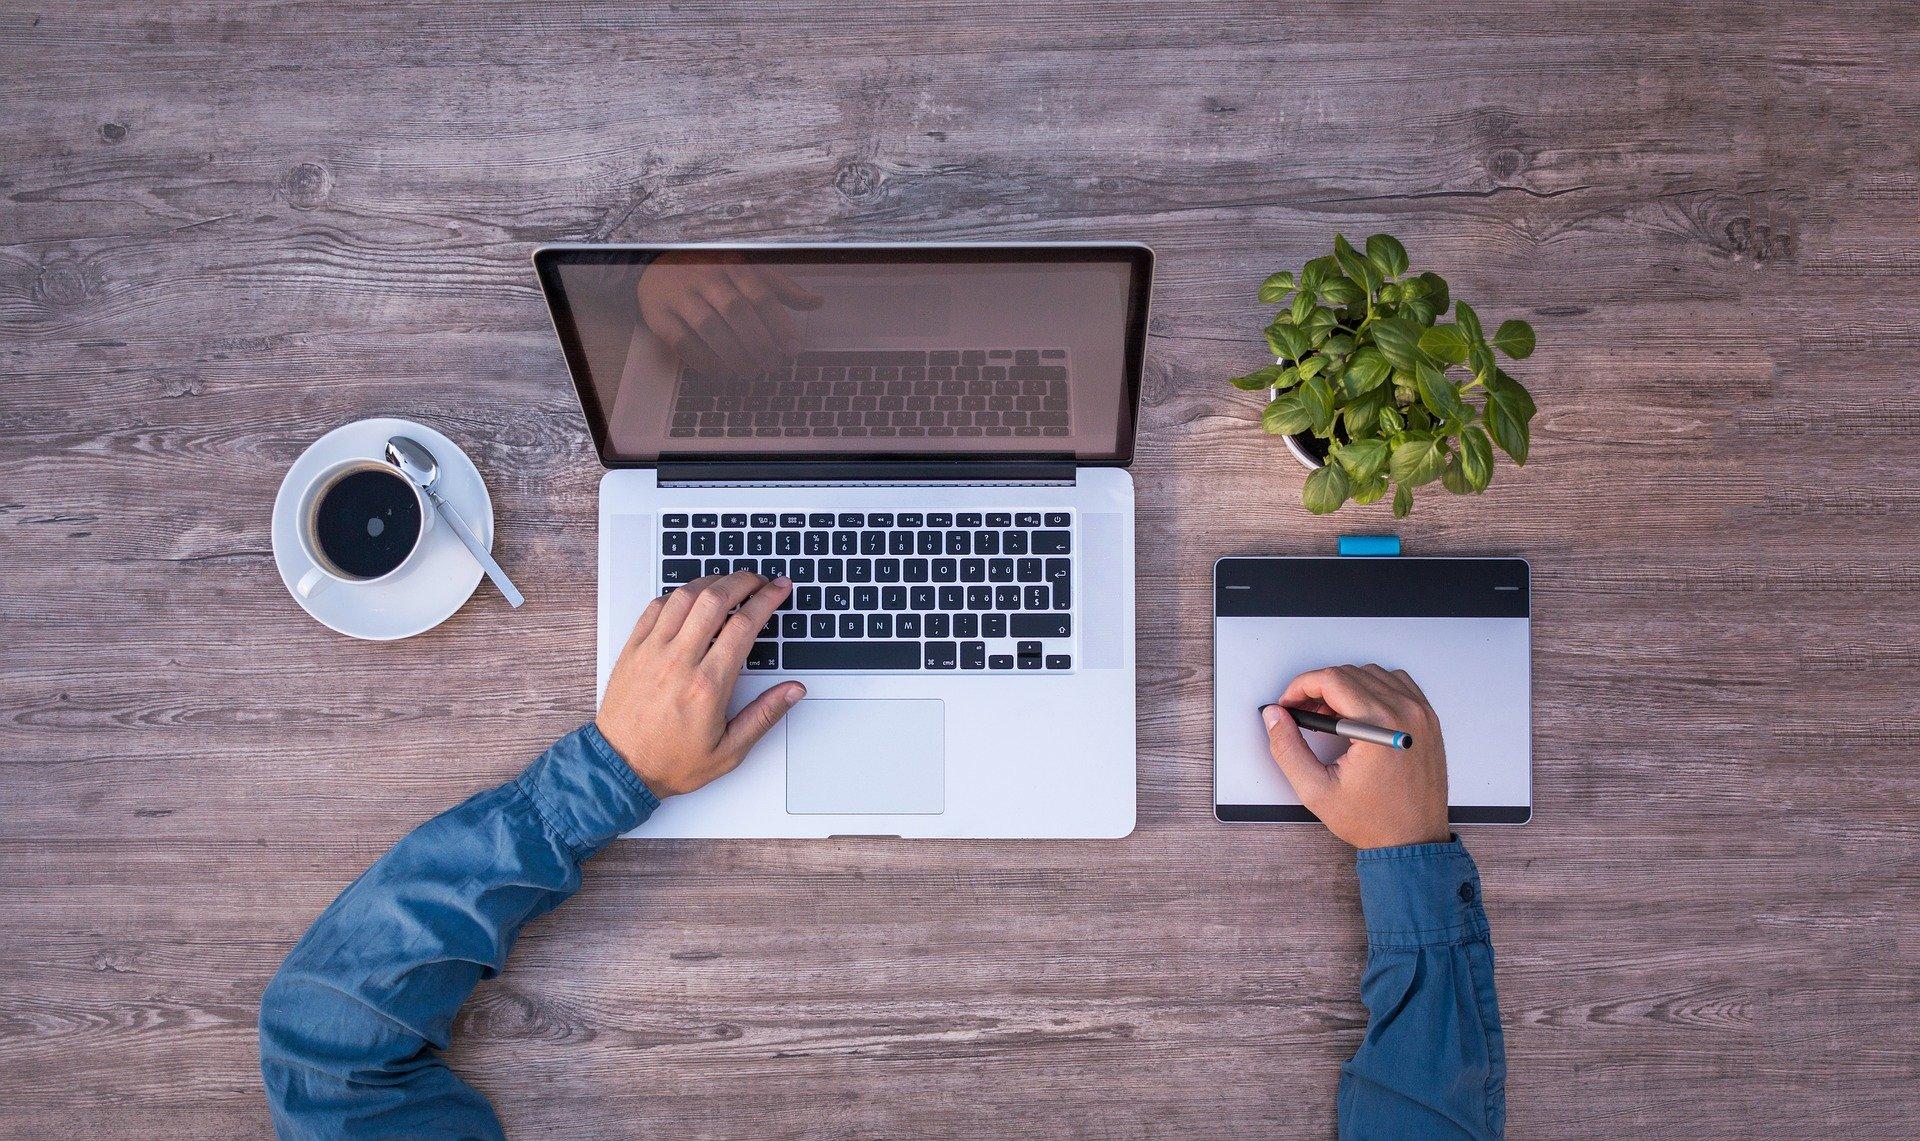 Comment créer un site internet pour les professionnels, créer un site professionnel payant